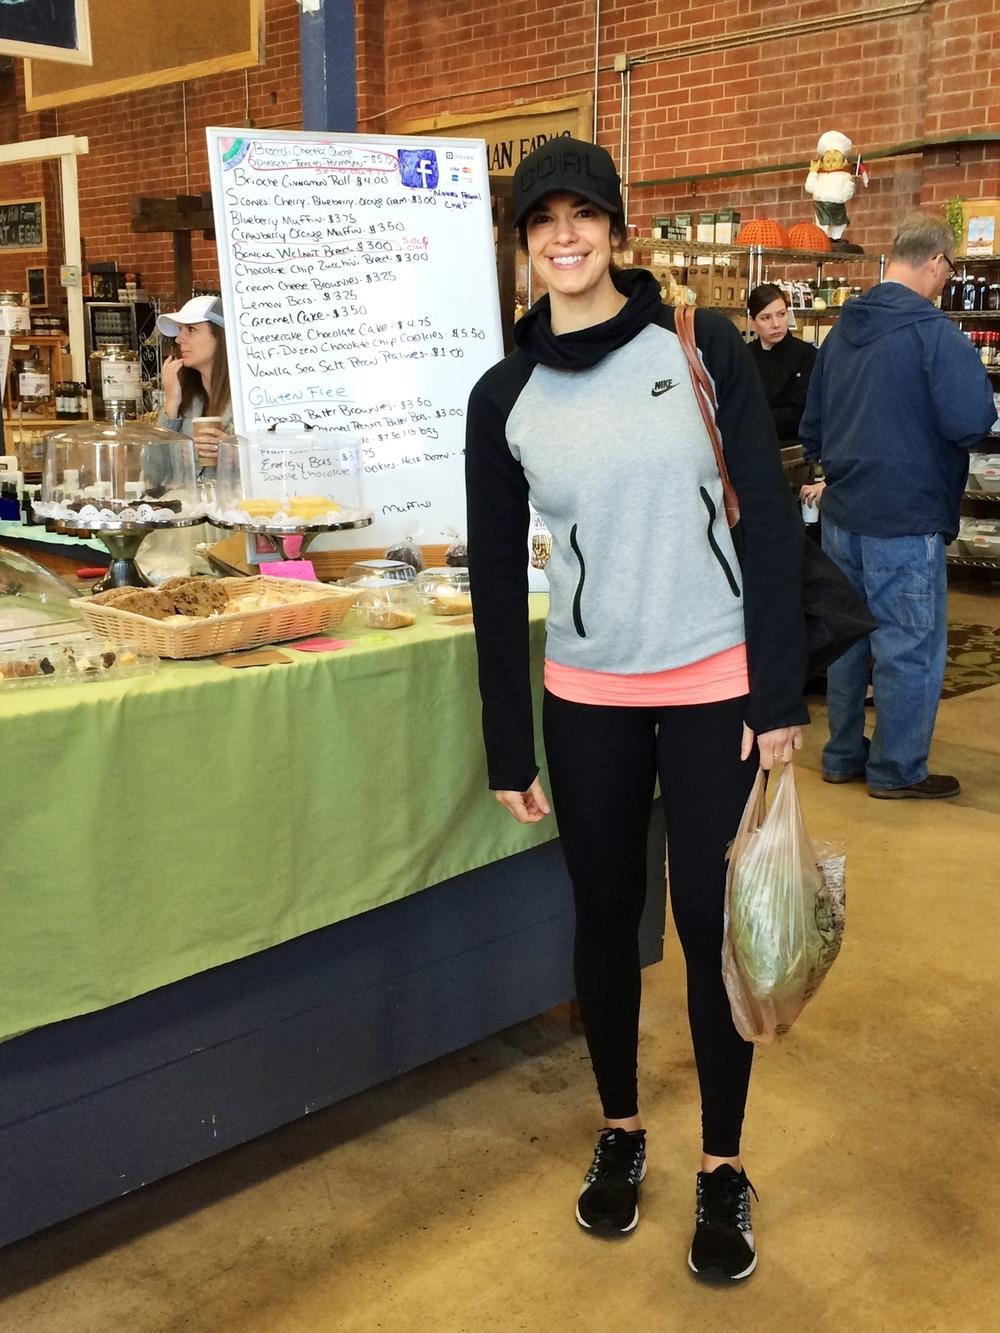 LaurenSchwaiger-Blog-Active-Style-Atherton-Mills-Farmers-Market.jpg